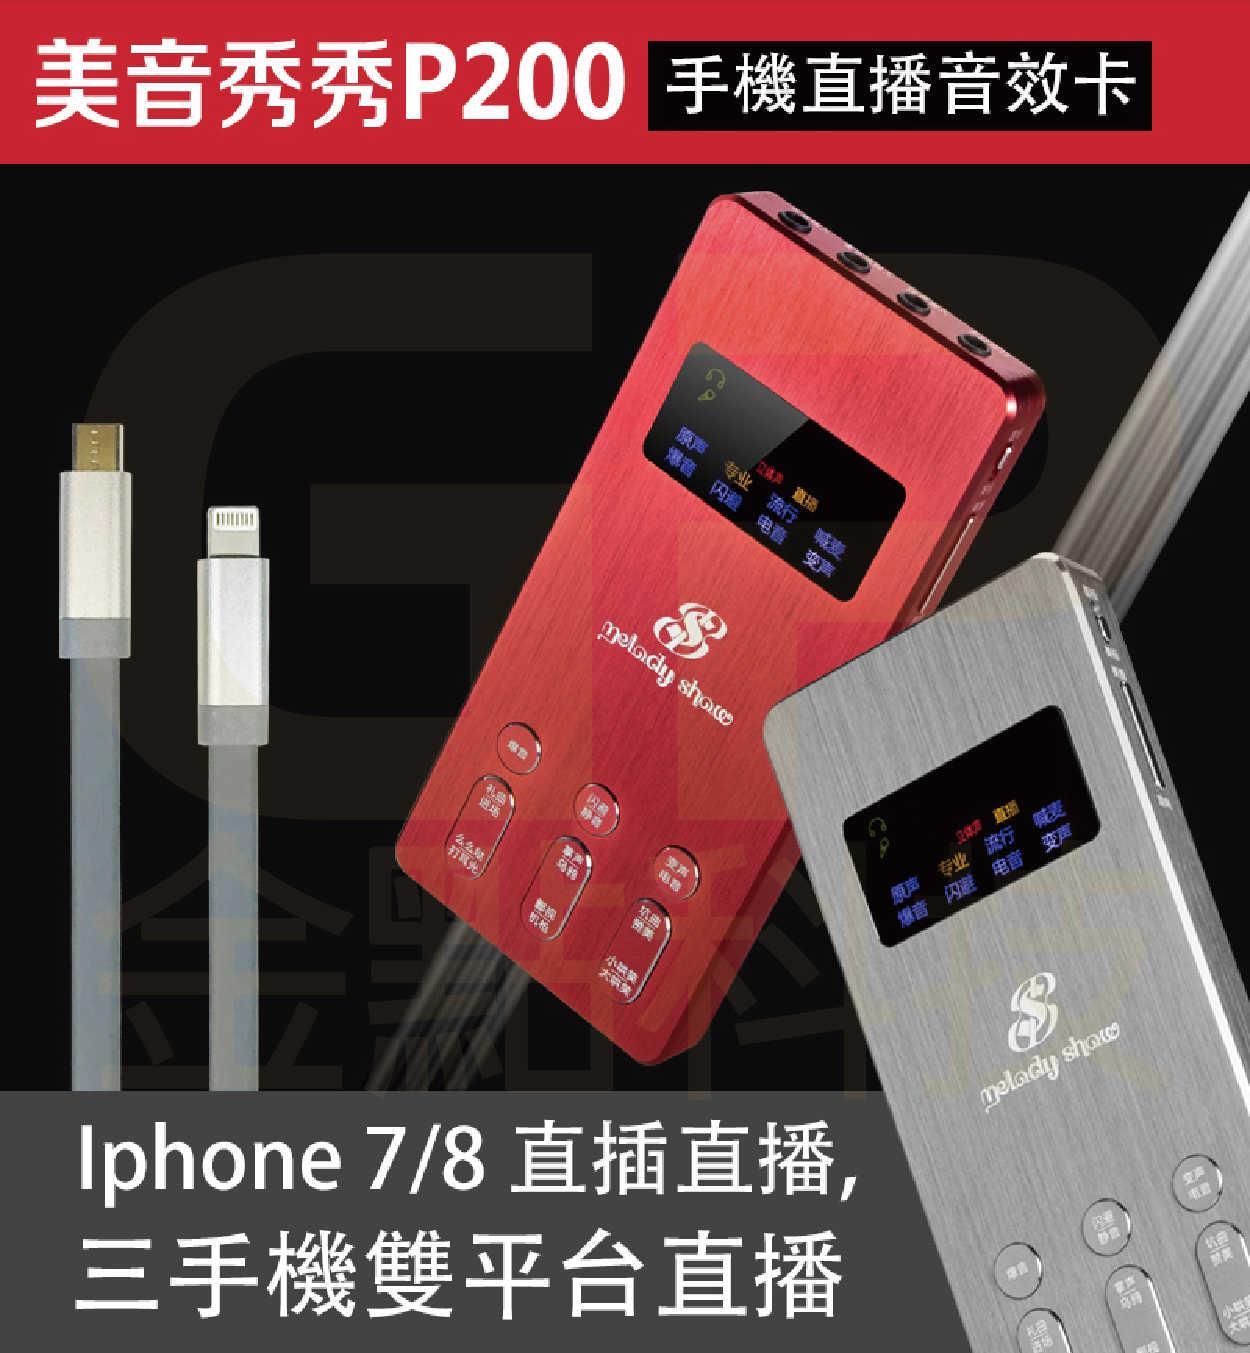 美音秀秀P200手機直播音效卡,支援電腦、筆電、安卓及IOS手機,三手機雙平台直播,12大主持音效